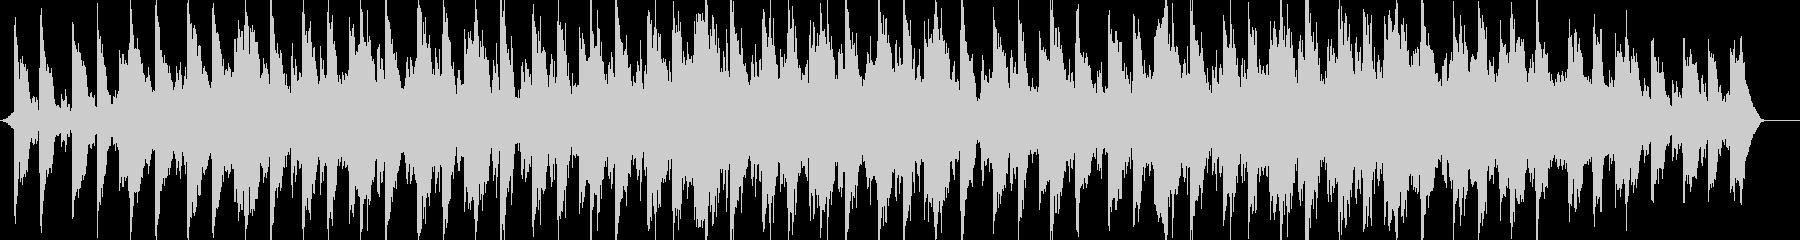 アンビエント コーポレート アクテ...の未再生の波形